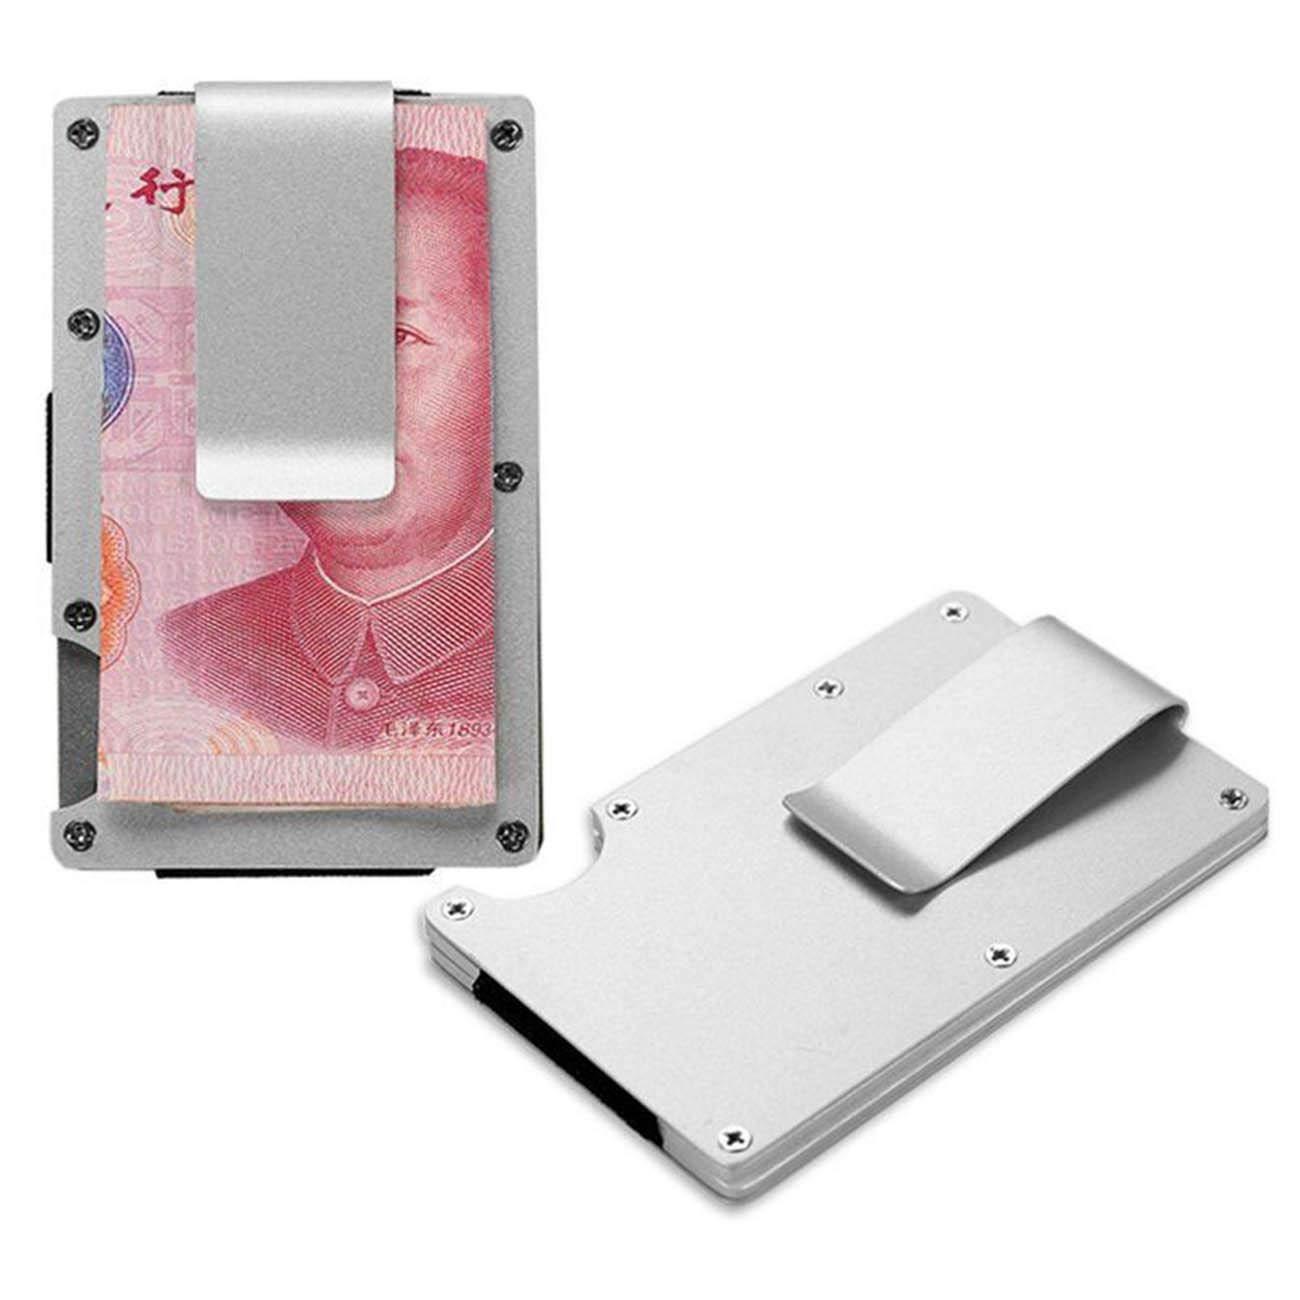 Fibra de Carbon RFID Bloqueo Cartera De Hombre Mujer Tarjetero Monedero Billetera Juvenil Aluminio Slim para Tarjetas Y Billete